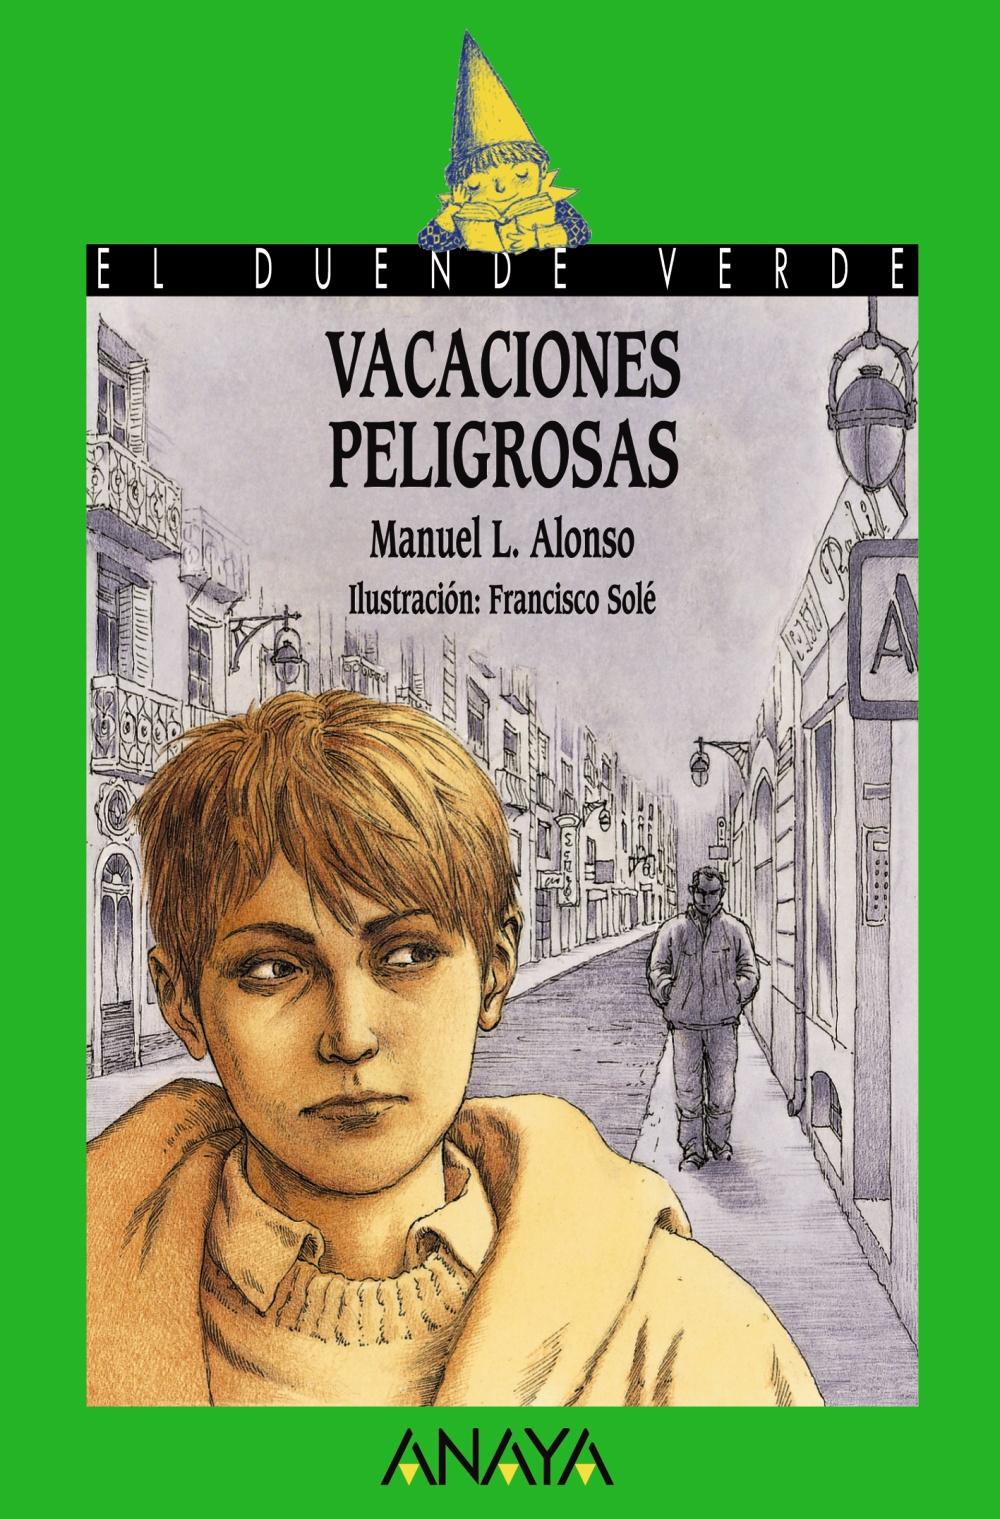 Los bestsellers de Manuel L. Alonso > Poemas del Alma